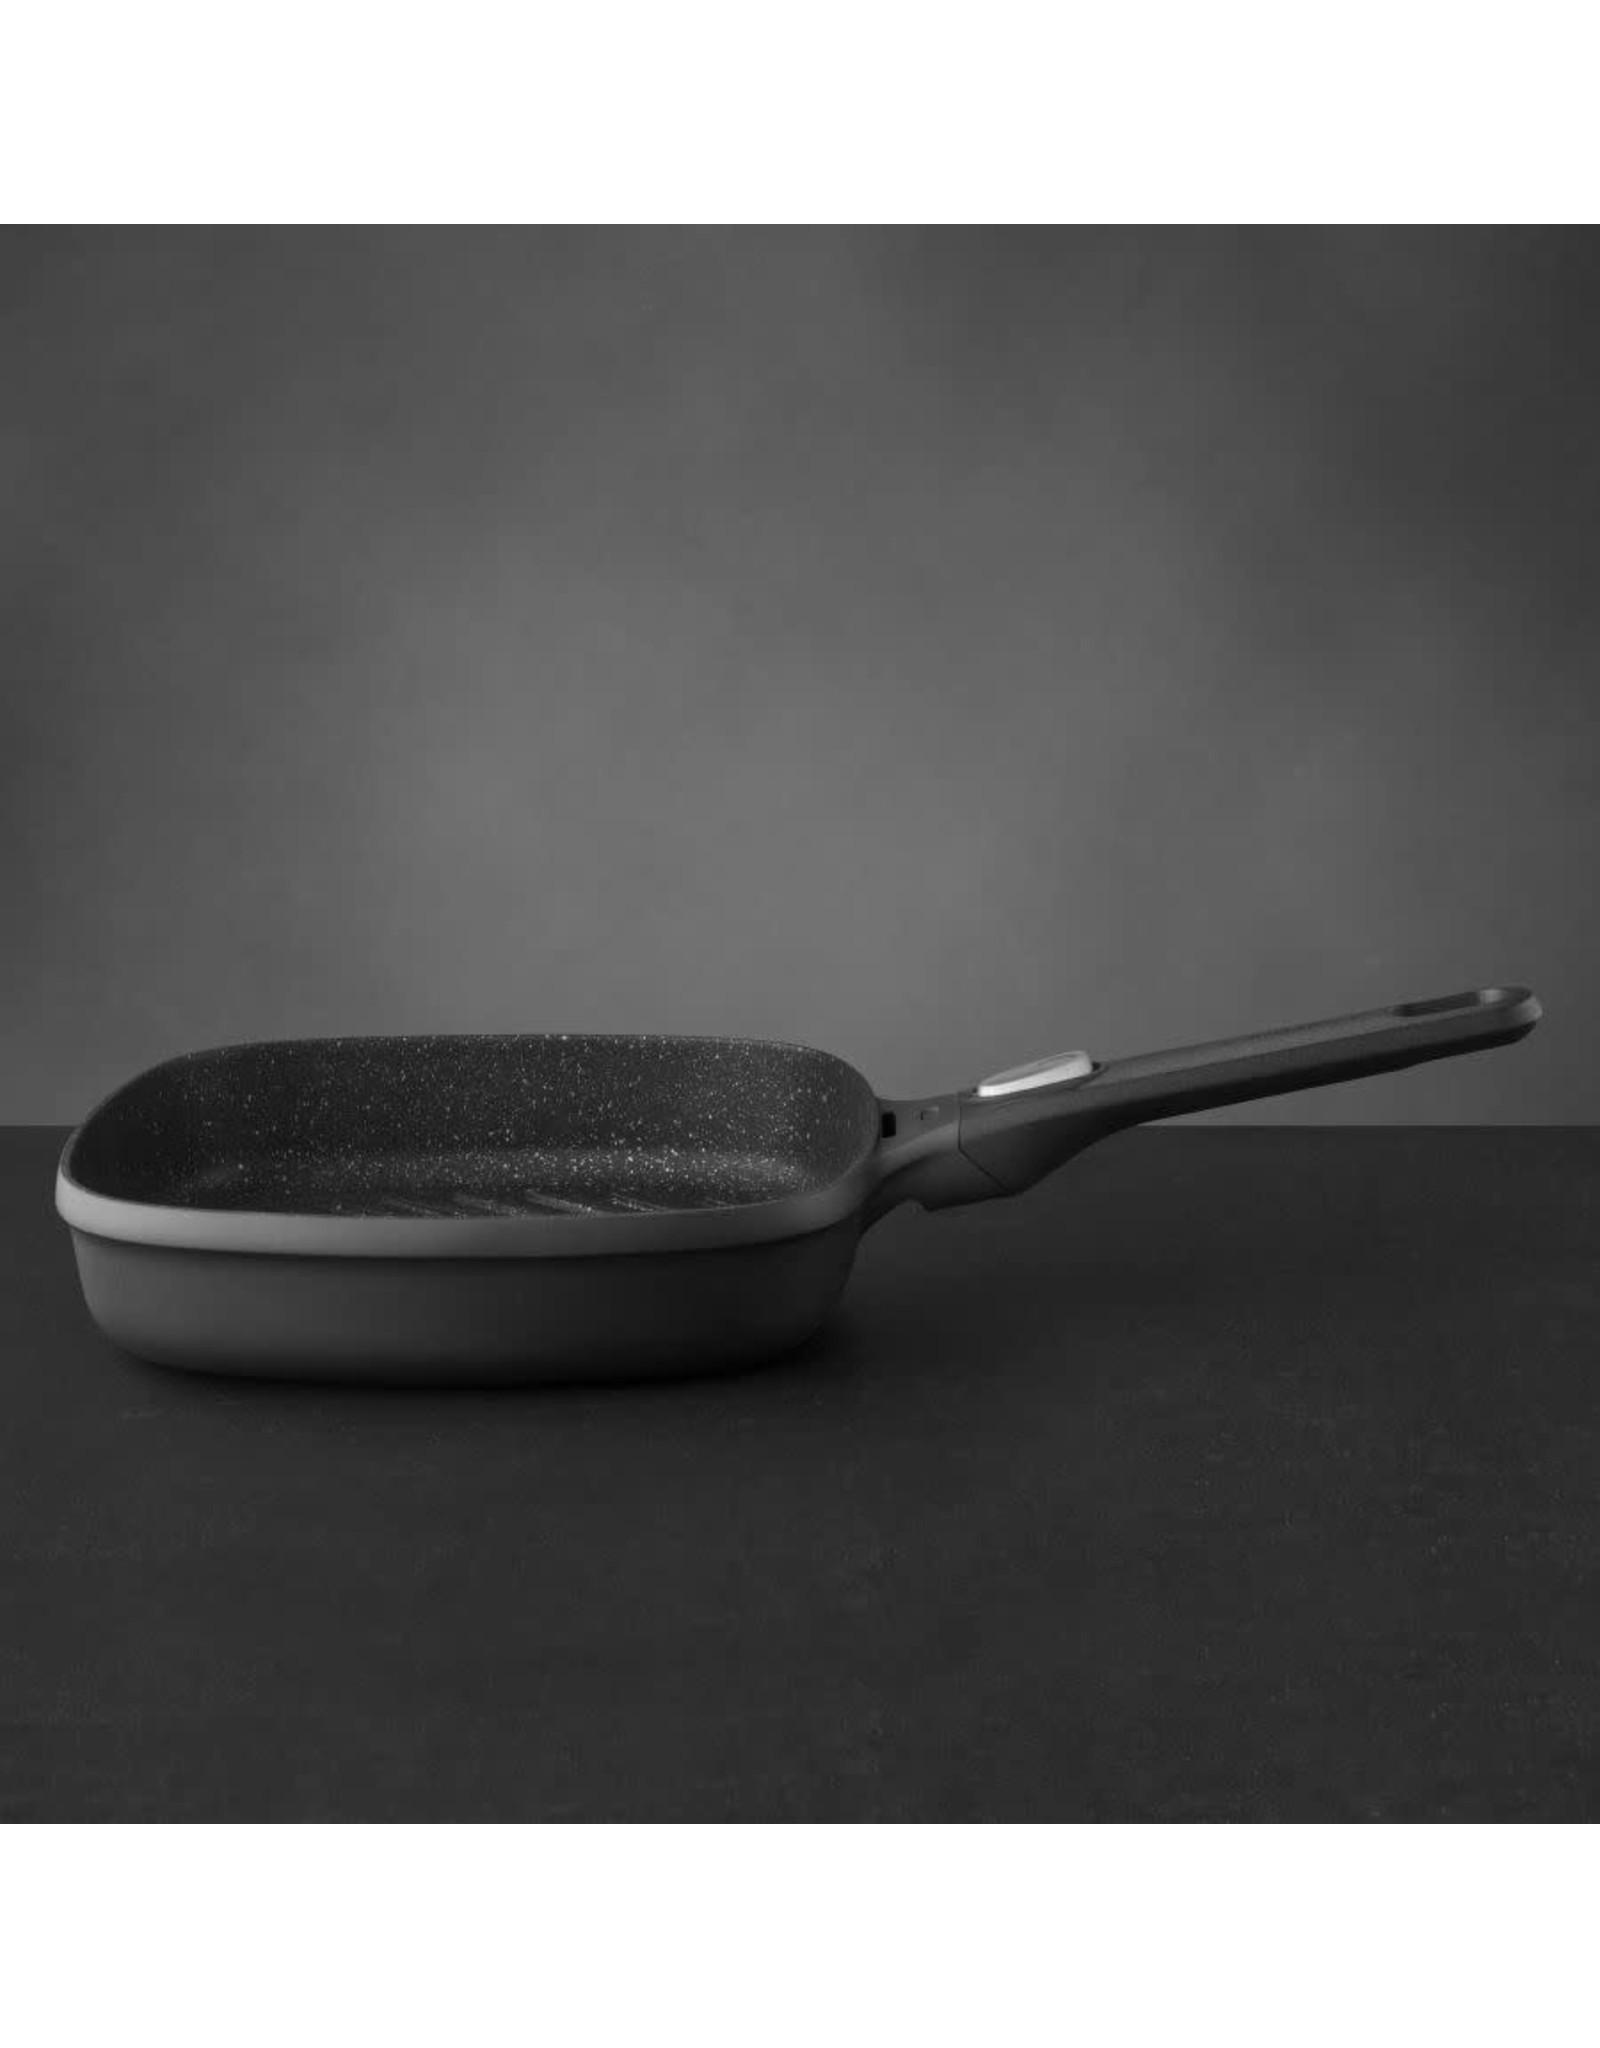 BergHoff. Gem Line grillpan 24cm met afneembare greep